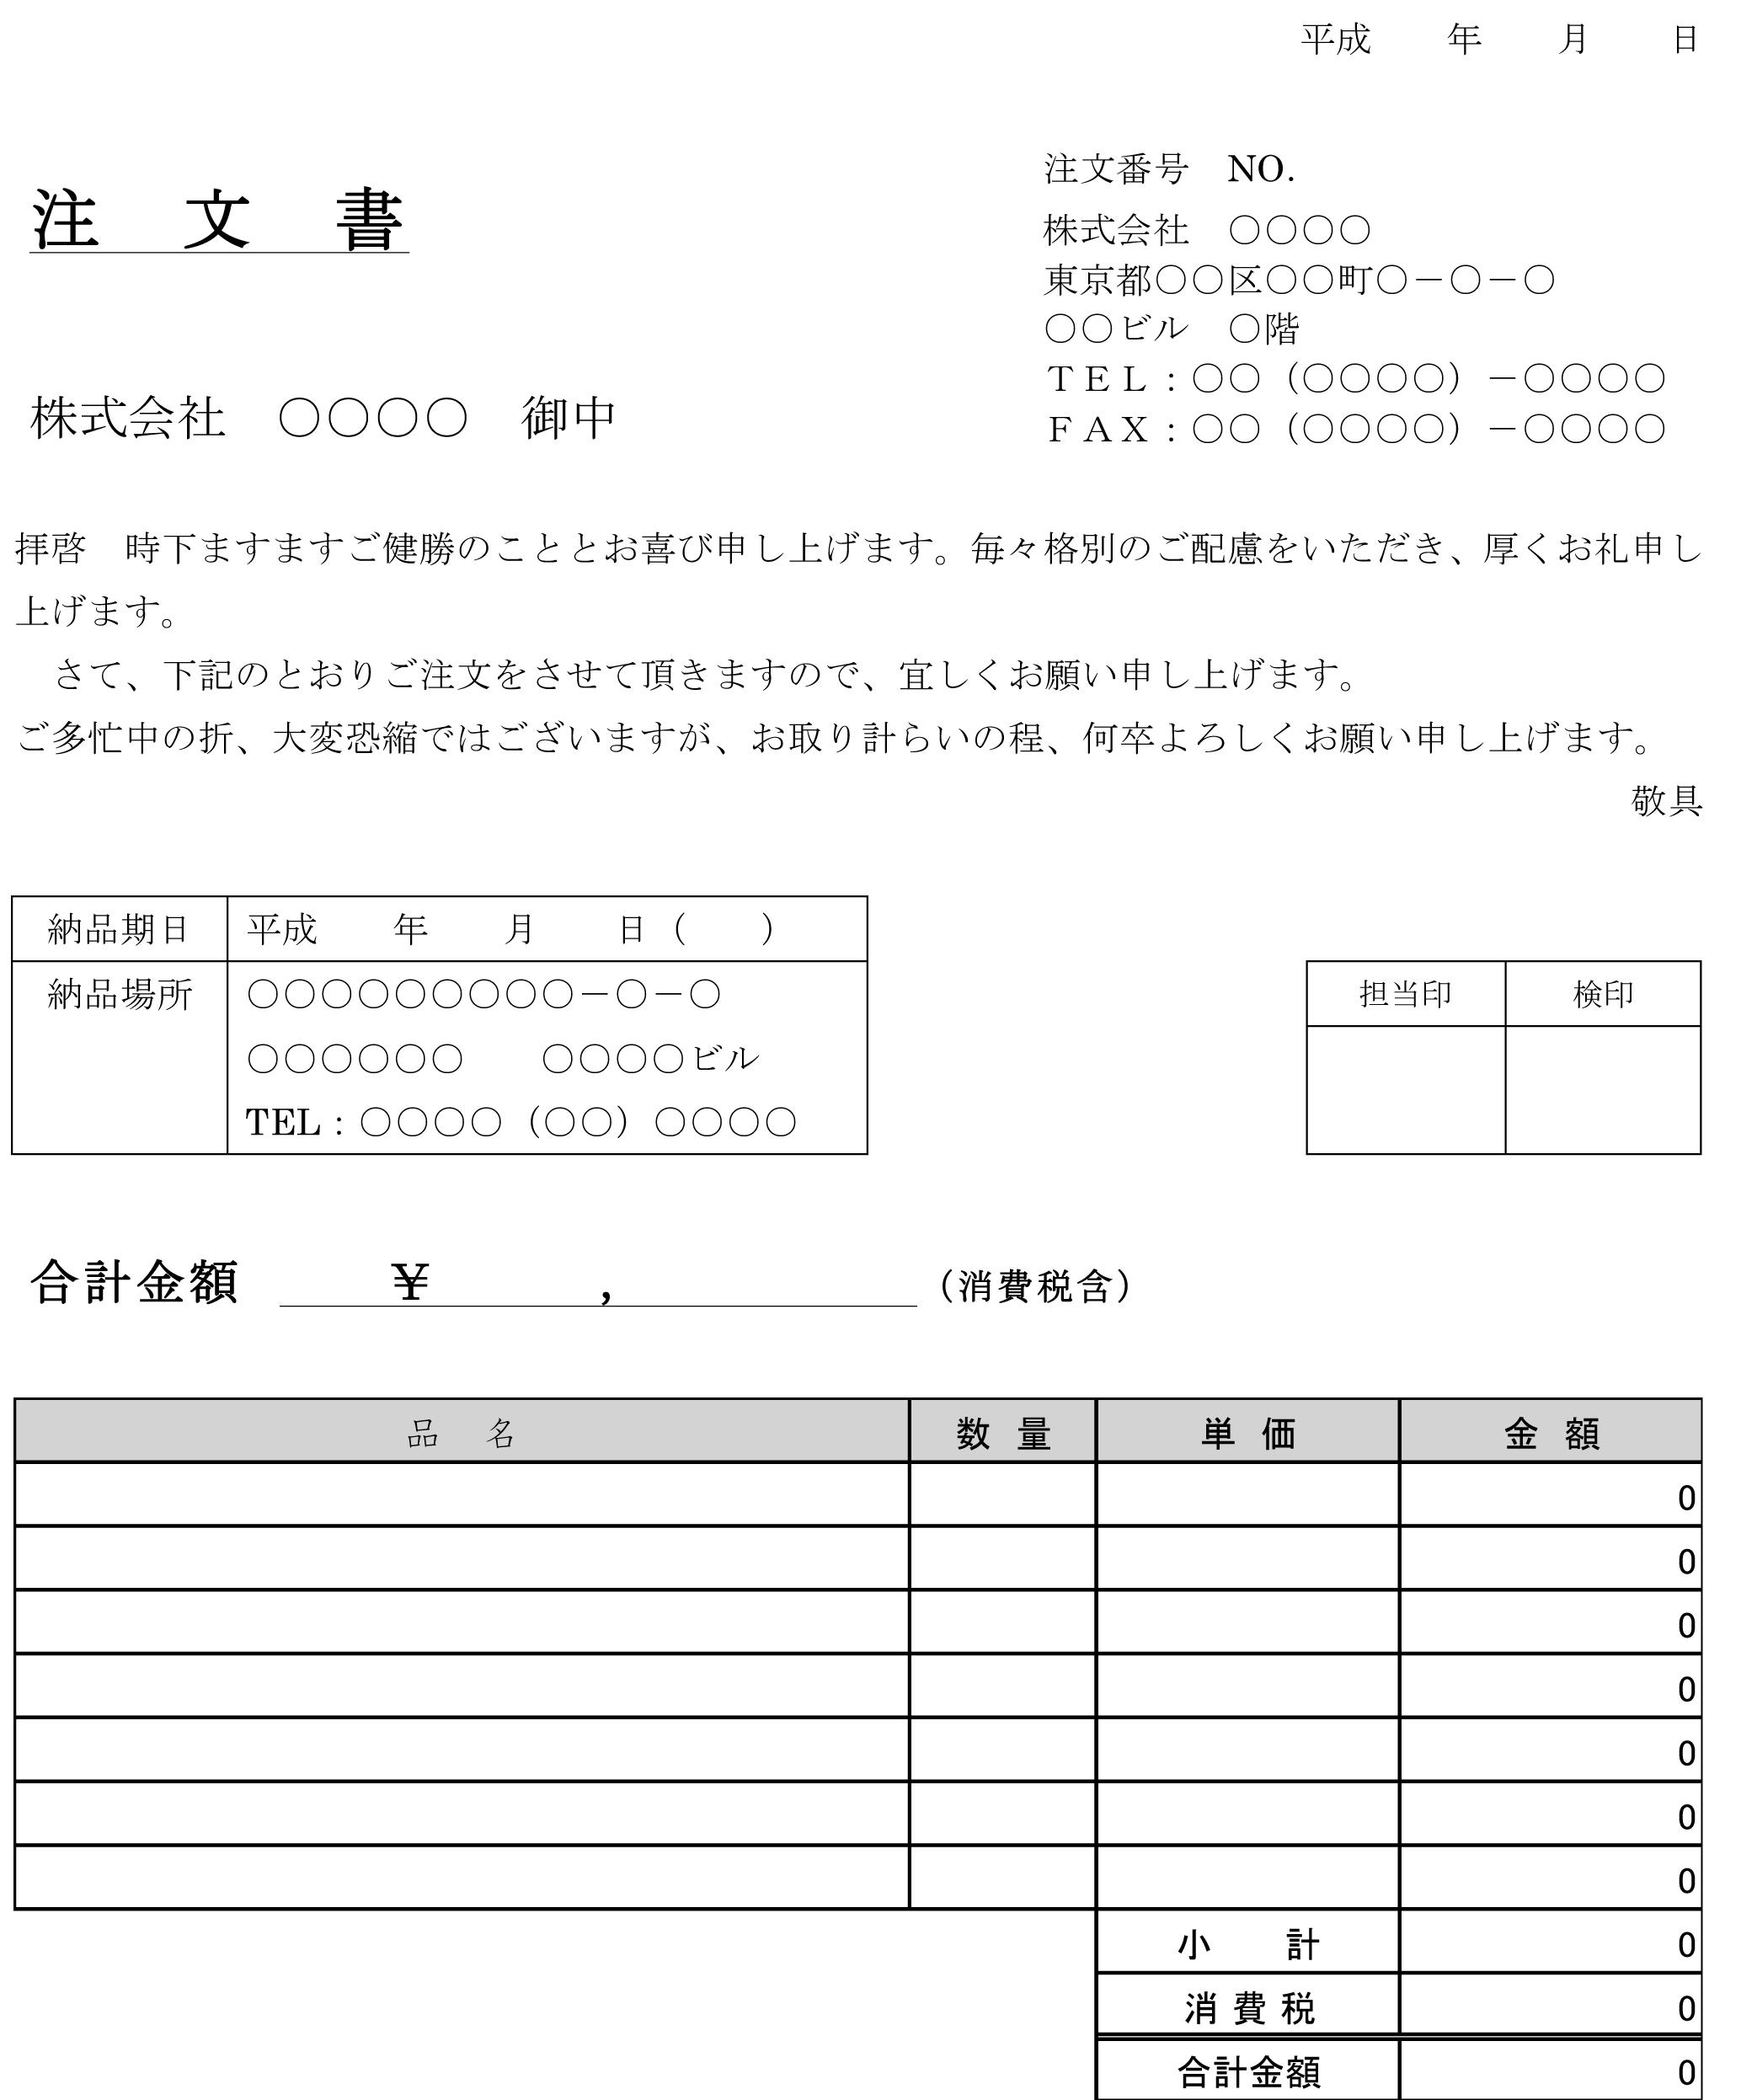 注文書(商品を早期納品したい際)